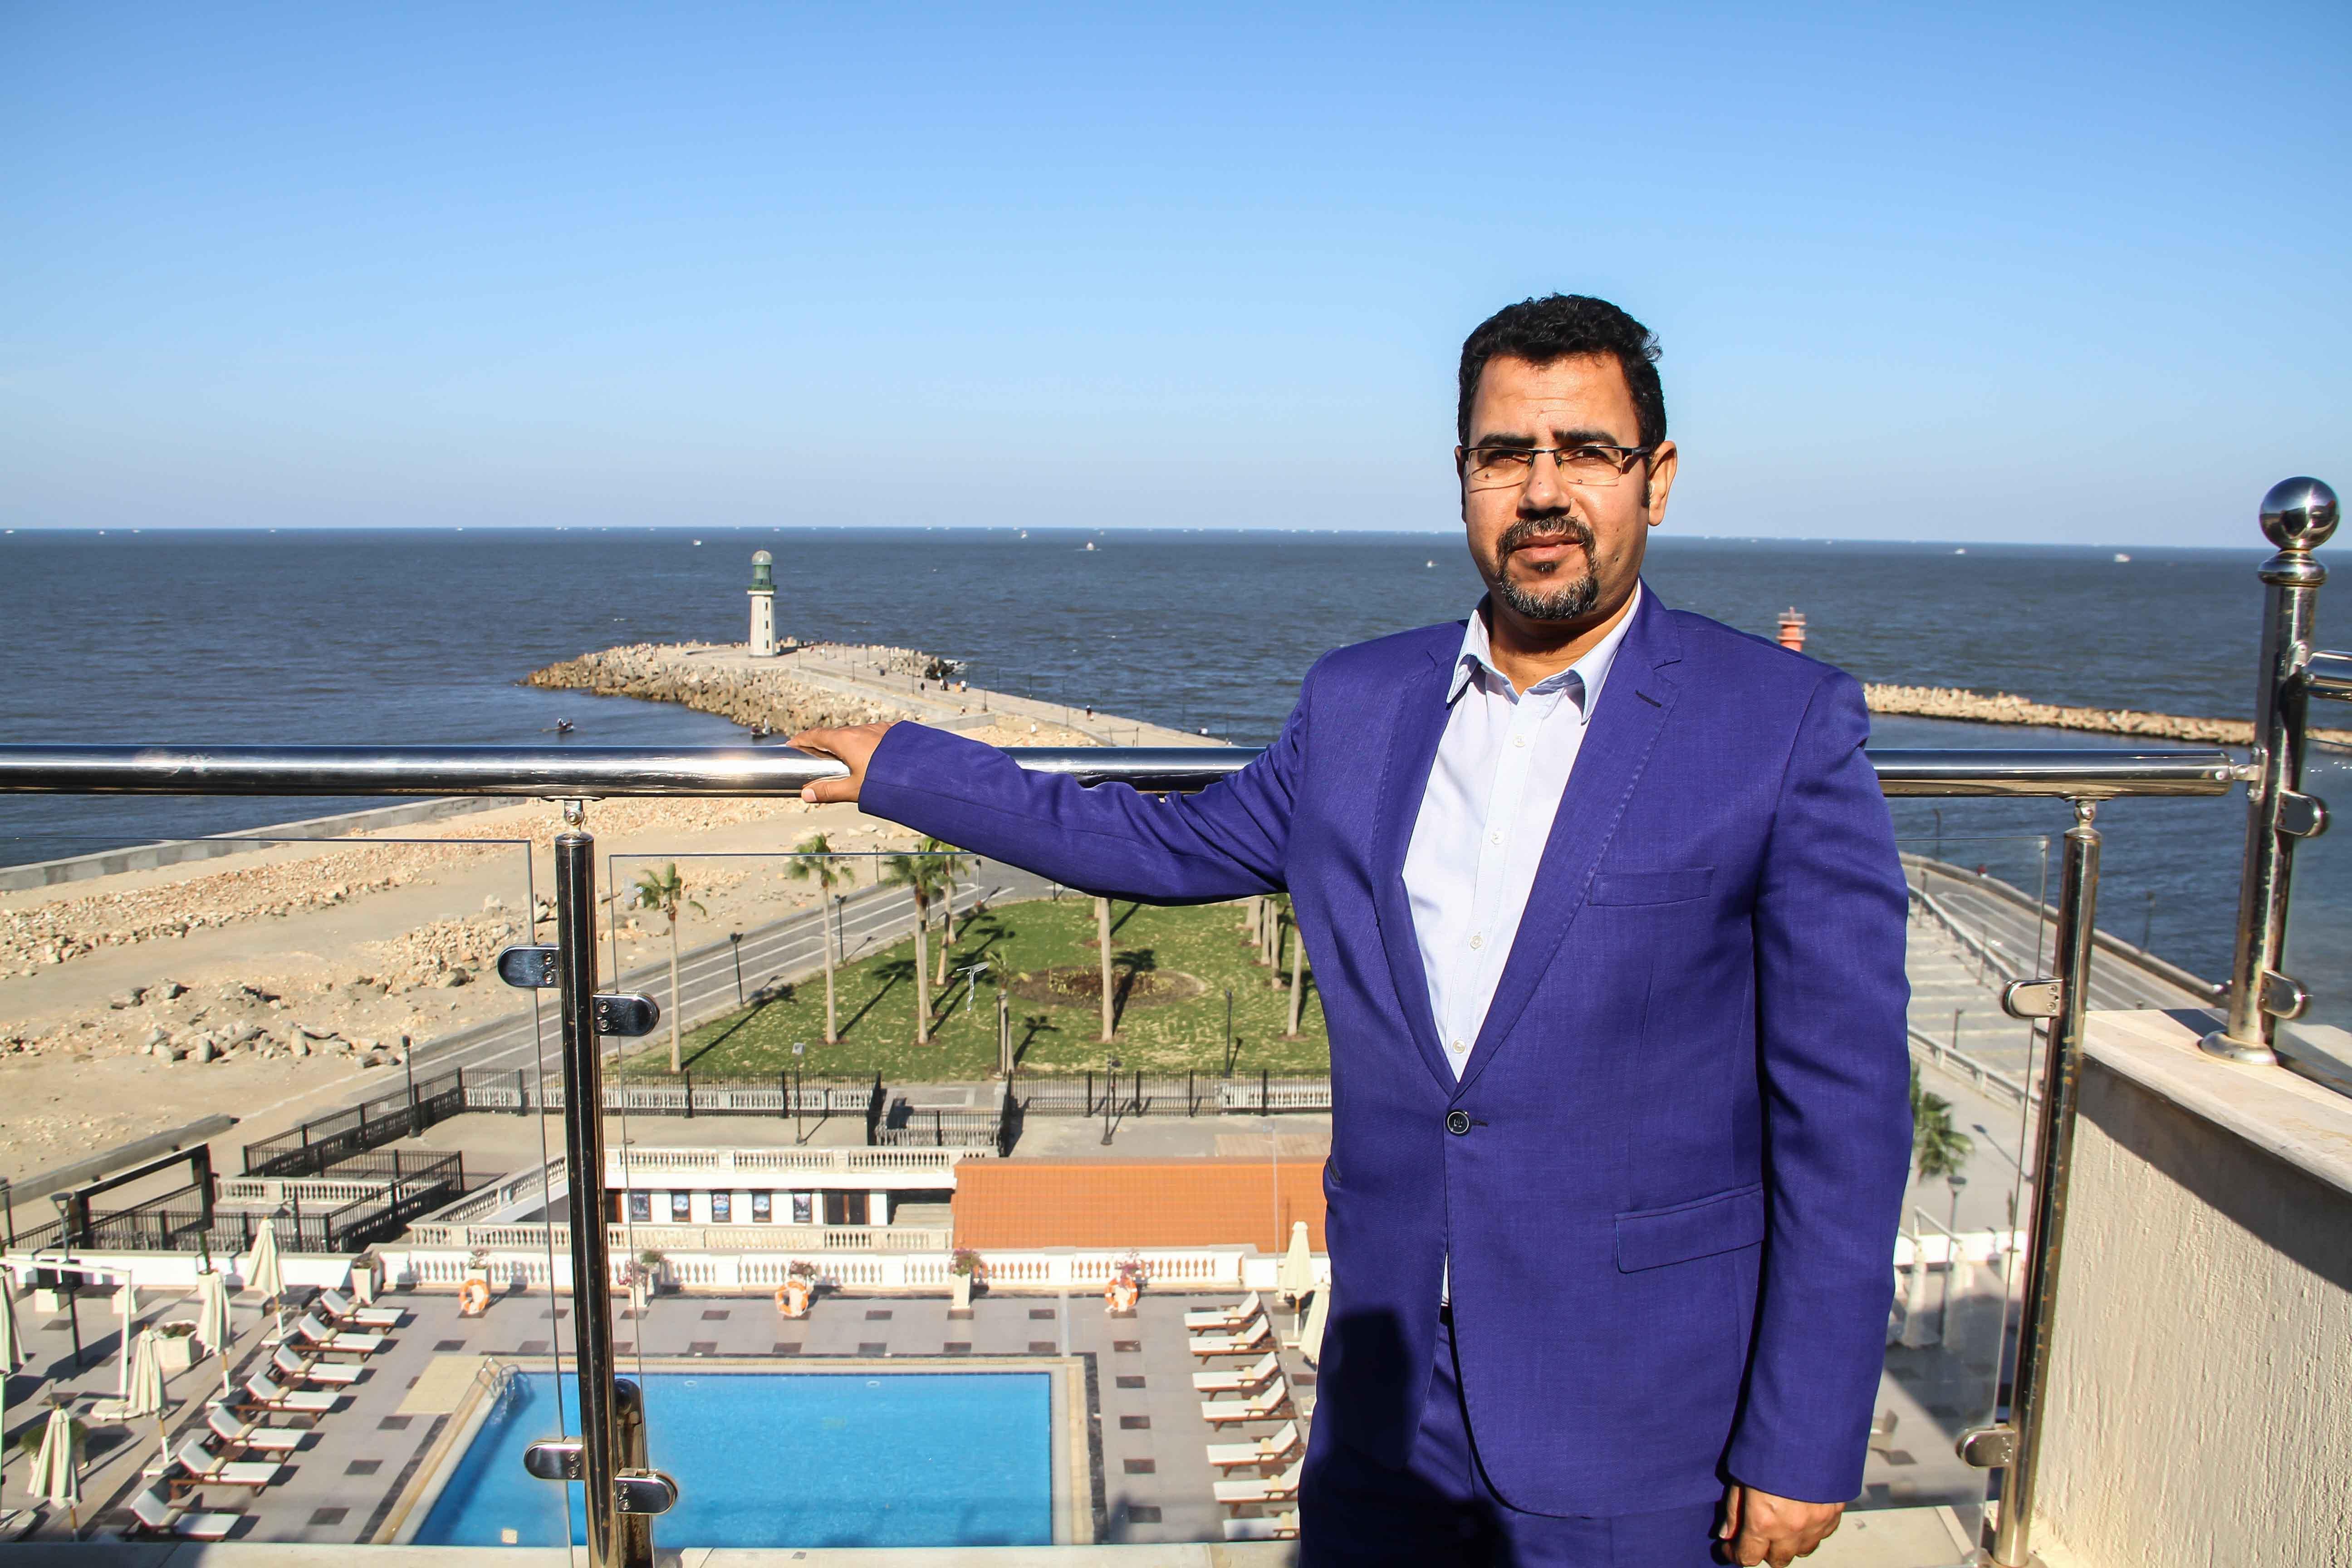 الزميل عبد الحليم سالم عند ملتقي البحرين